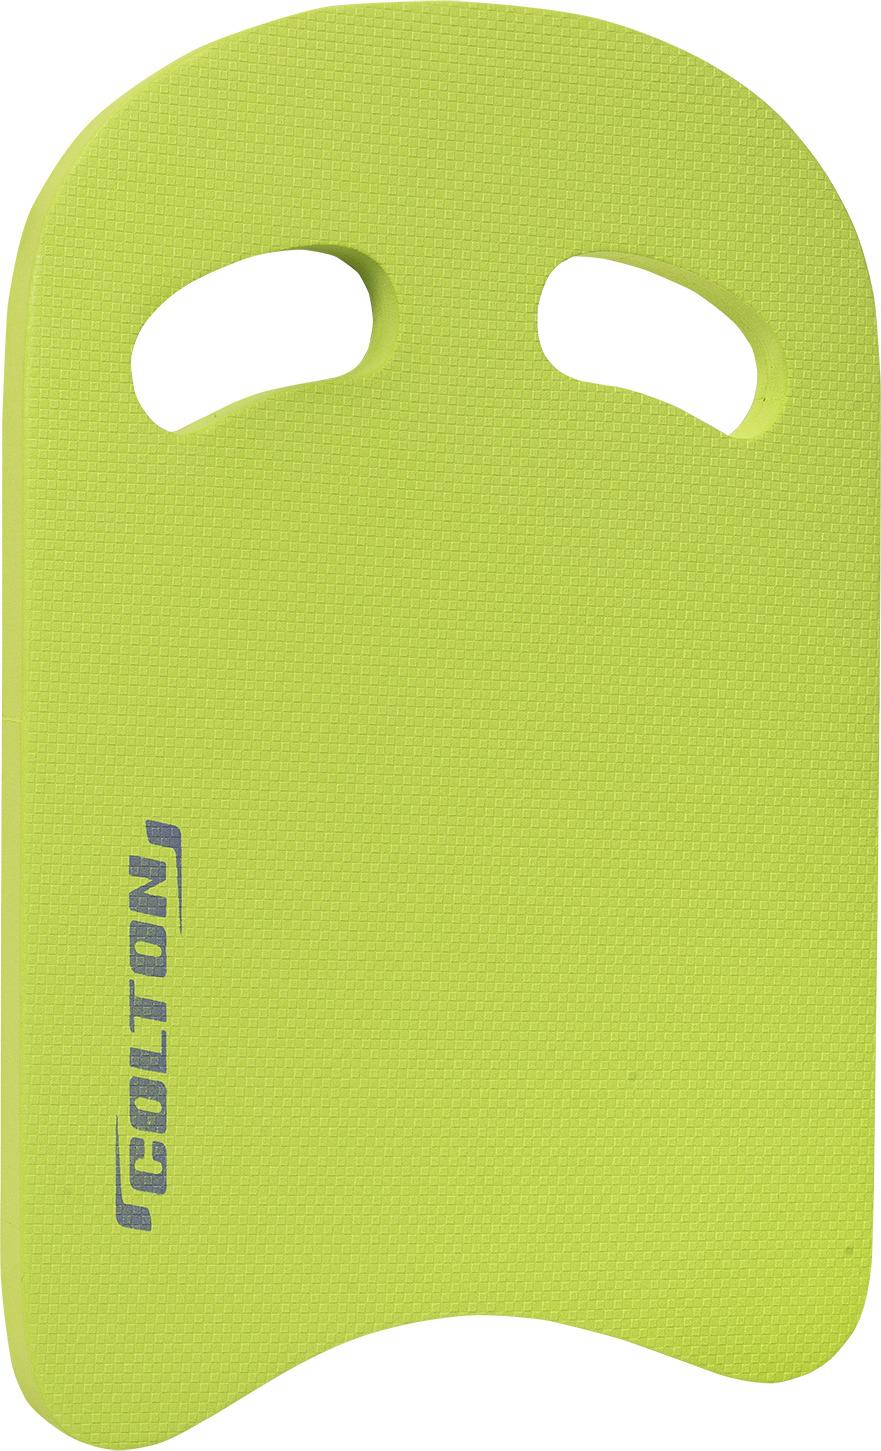 Доска для плавания Colton, цвет: зеленый. SB-101